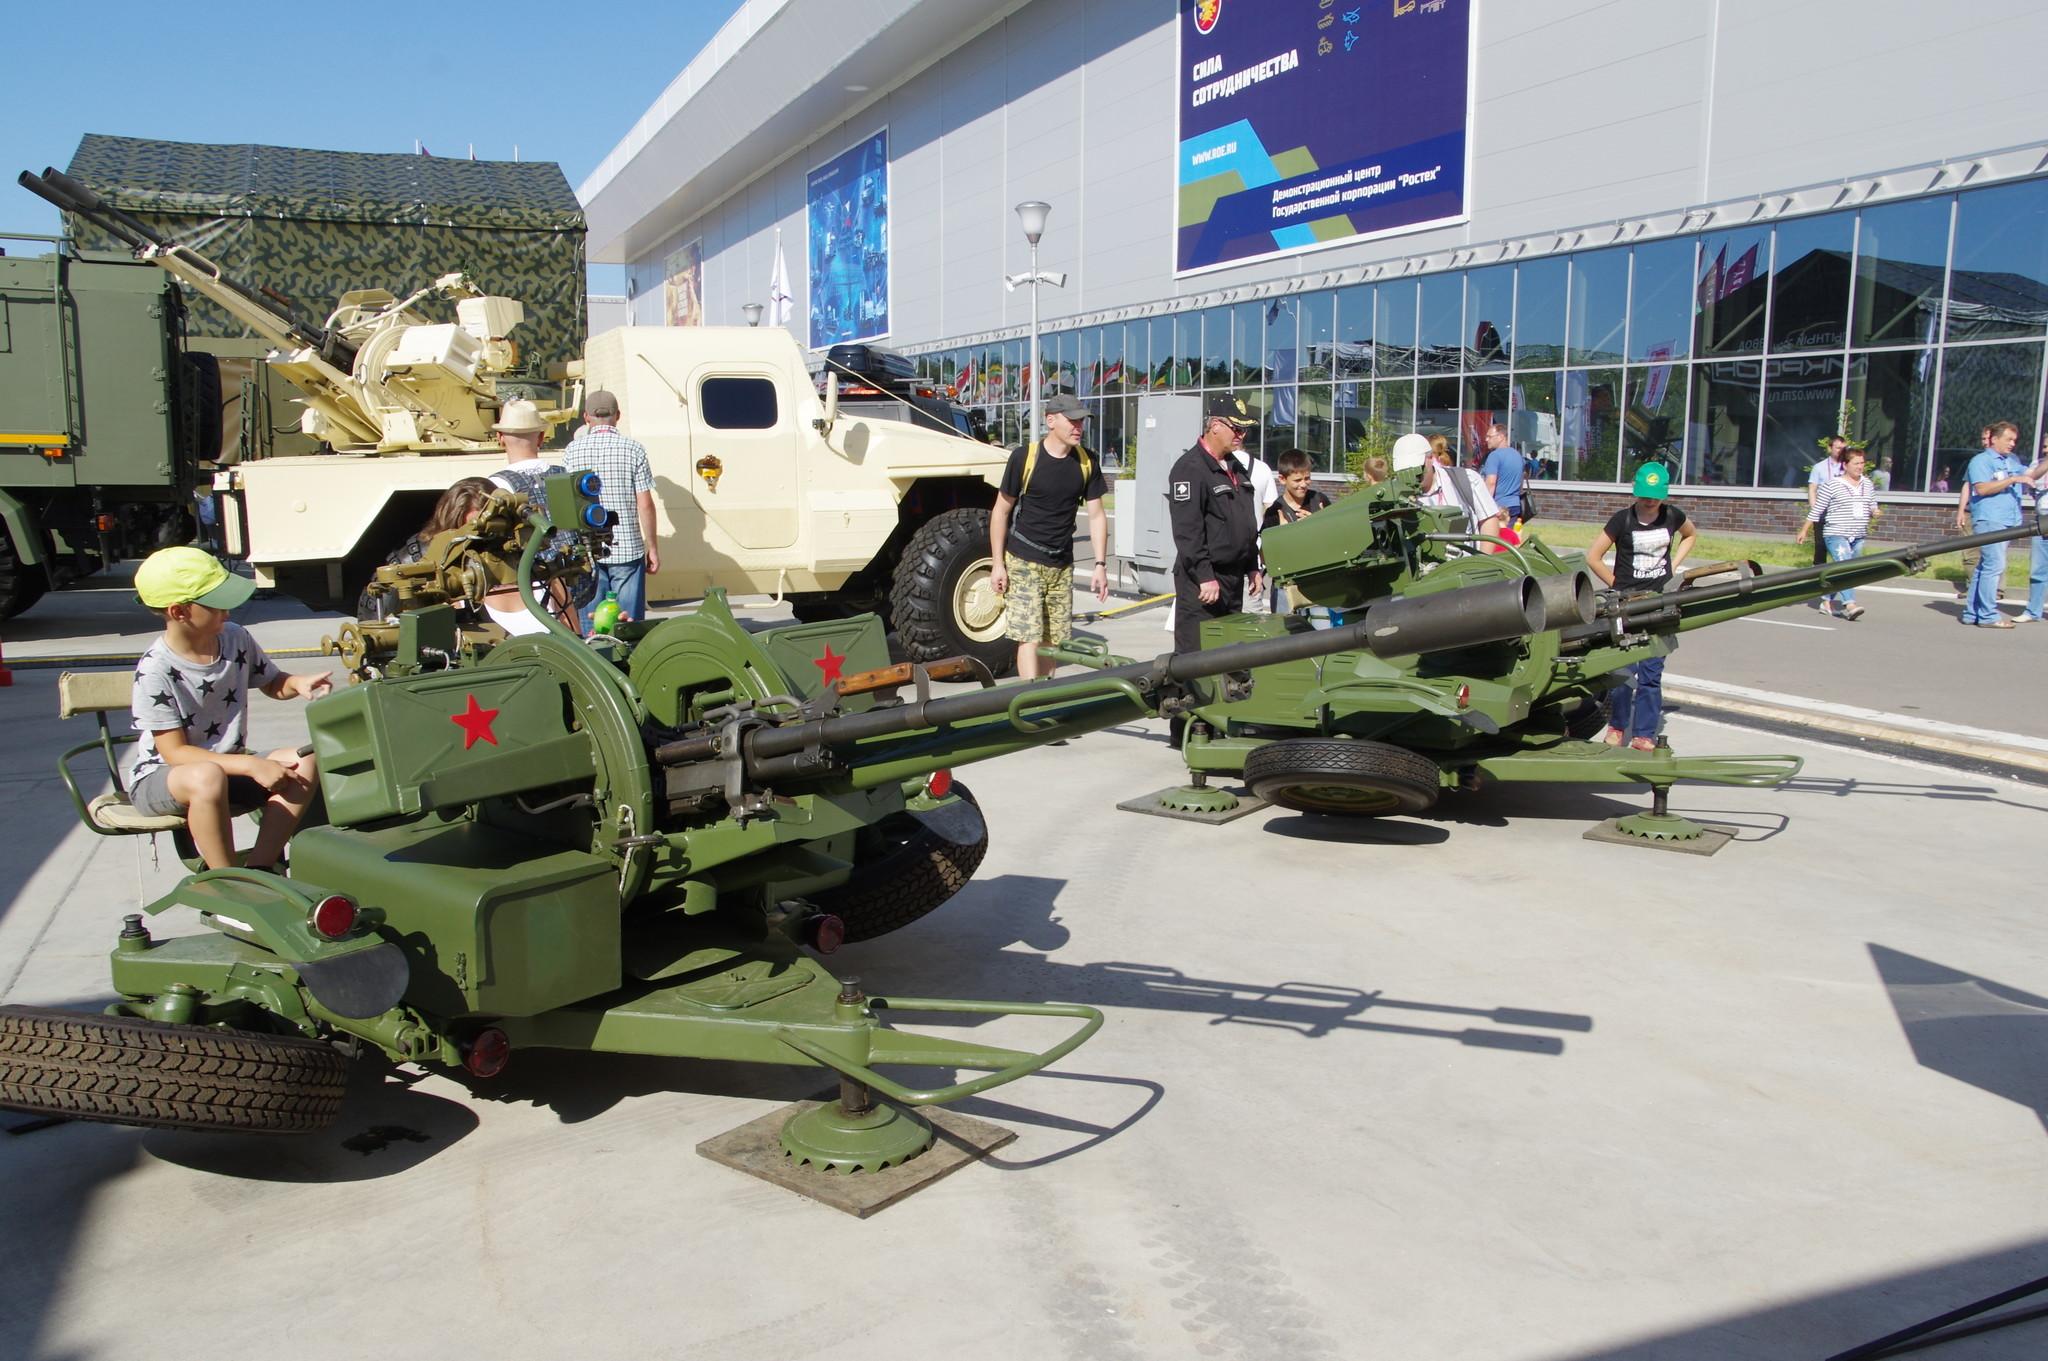 Модернизированные зенитные установки ЗУ-23/30 М1-4У и ЗУ-23/30 М1-4. На дальнем плане Проект «САМУМ»